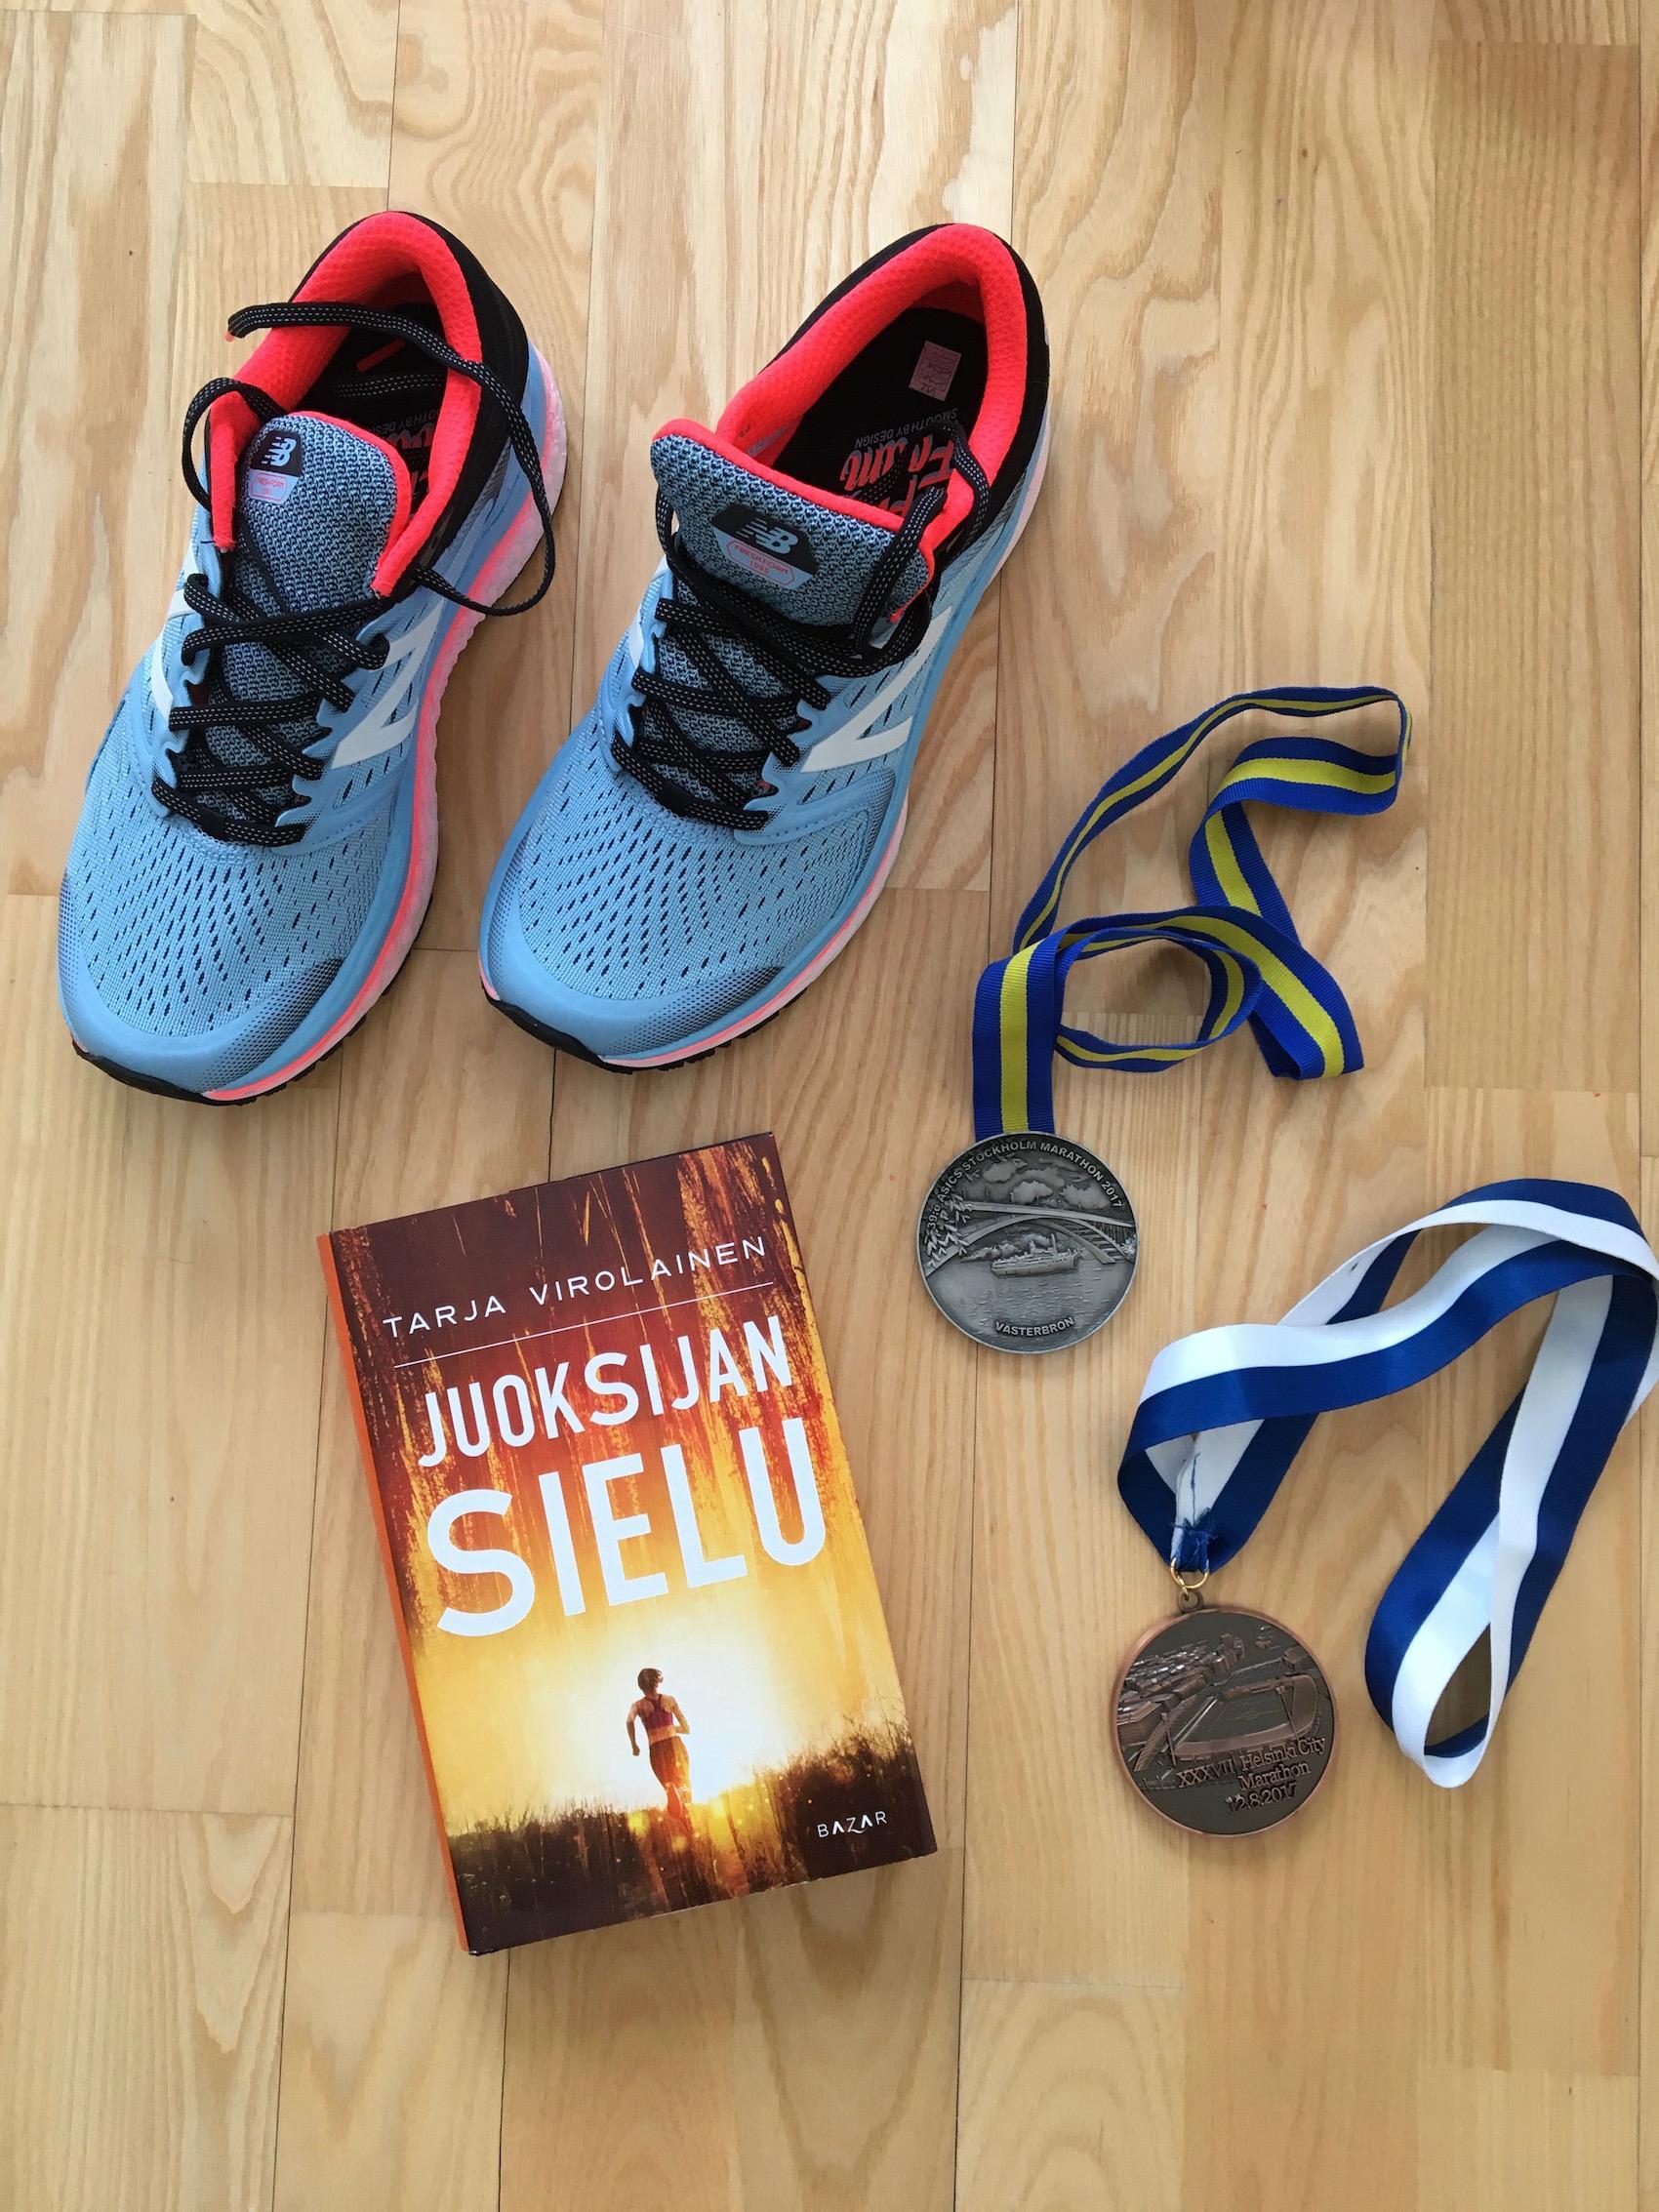 Kirjavinkki jokaiselle juoksijalle: Juoksijan sielu